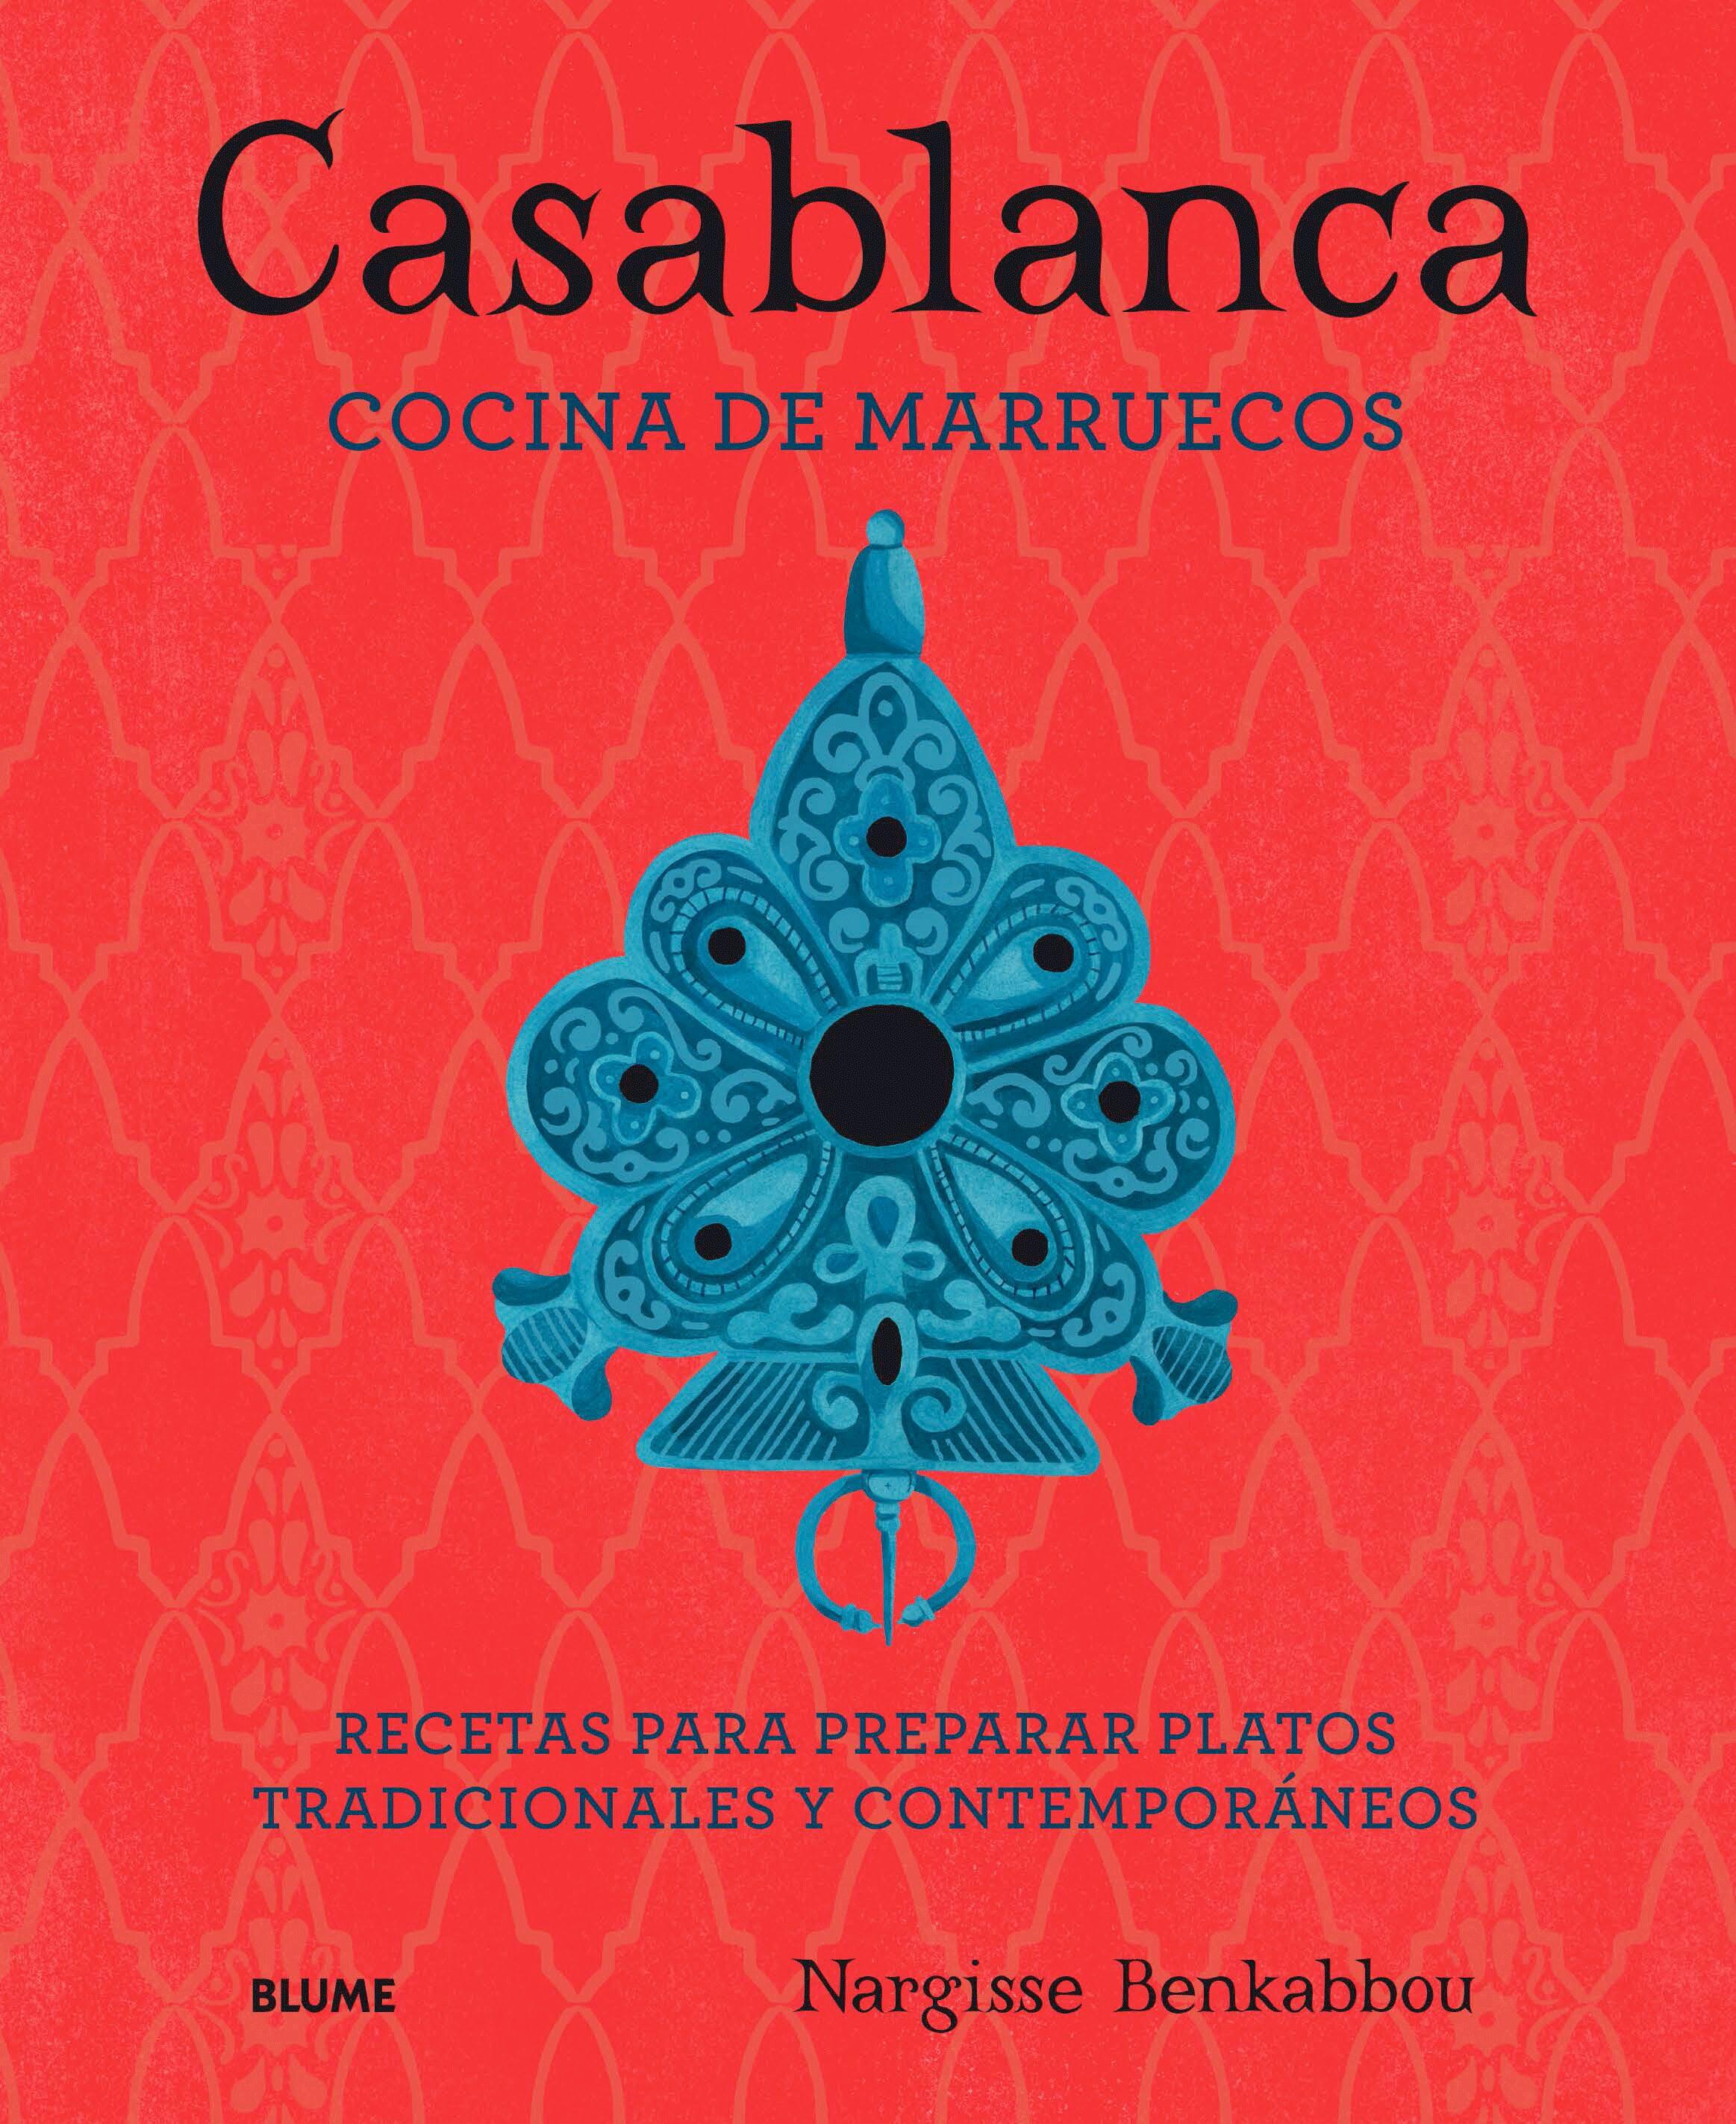 Casablanca: Cocina De Marruecos: Recetas Para Preparar Platos Tradicionales Y Contemporaneos por Nargisse Benkabbou